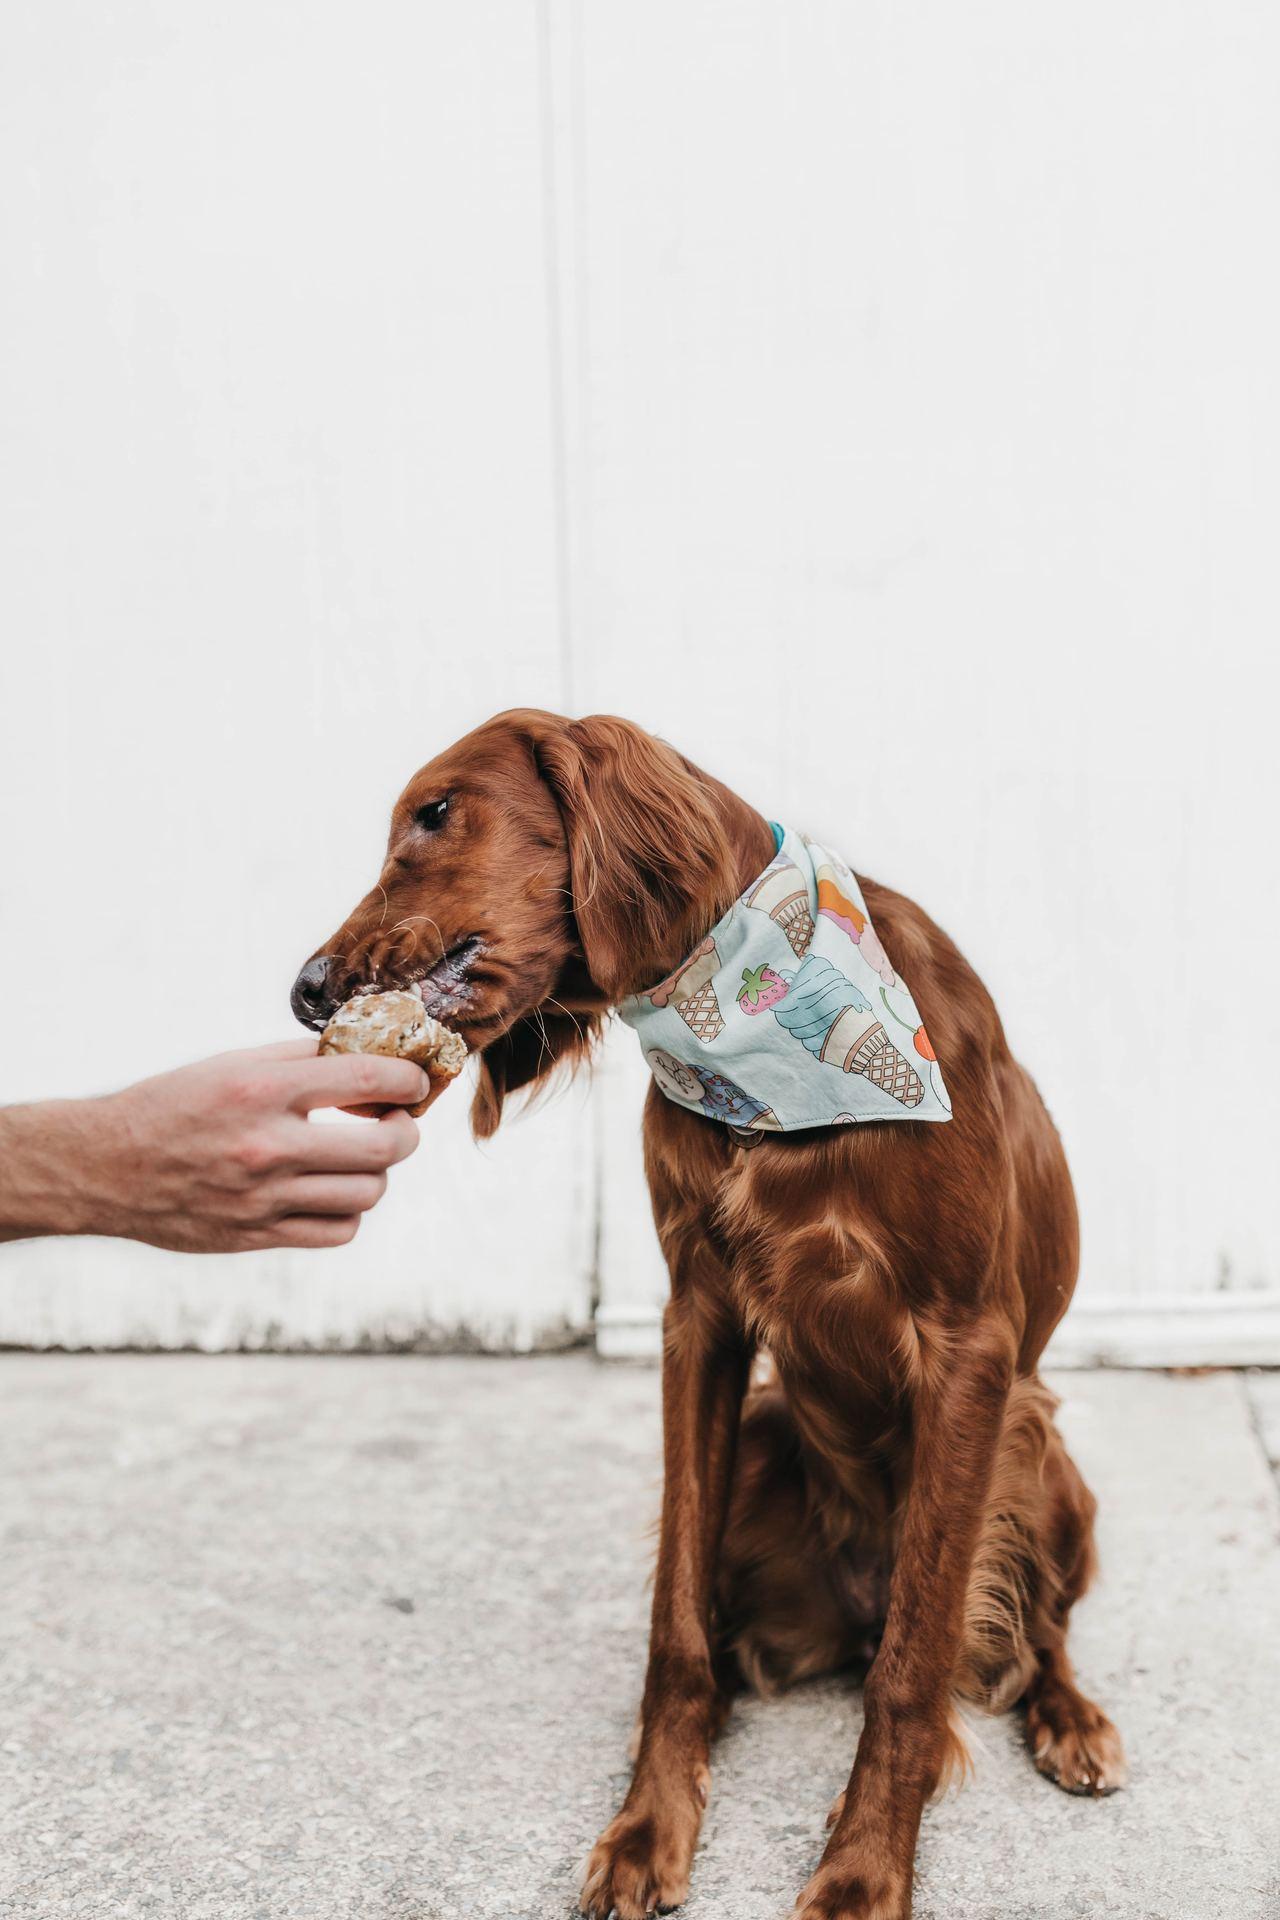 飼主戒掉餵食零食、人食,才能幫助寵物建立正常的飲食習慣。圖/美國寵物食品協會提供